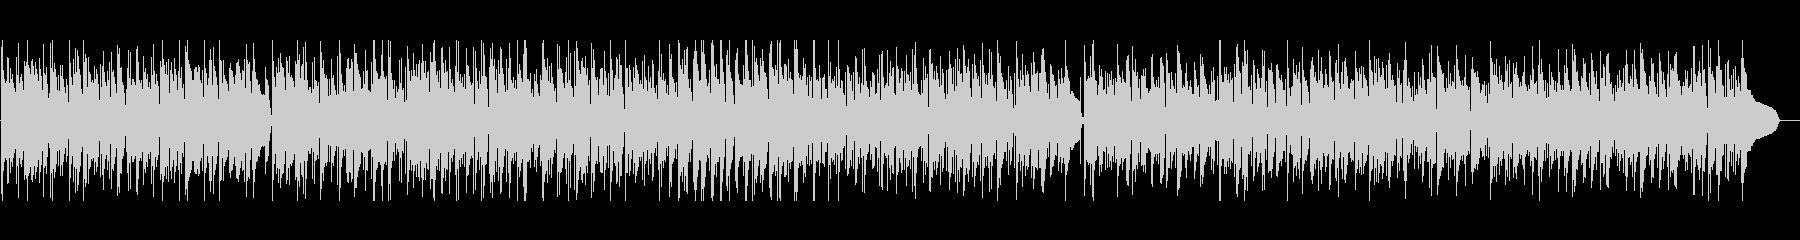 ギターとピアノが印象的なボサノバの未再生の波形